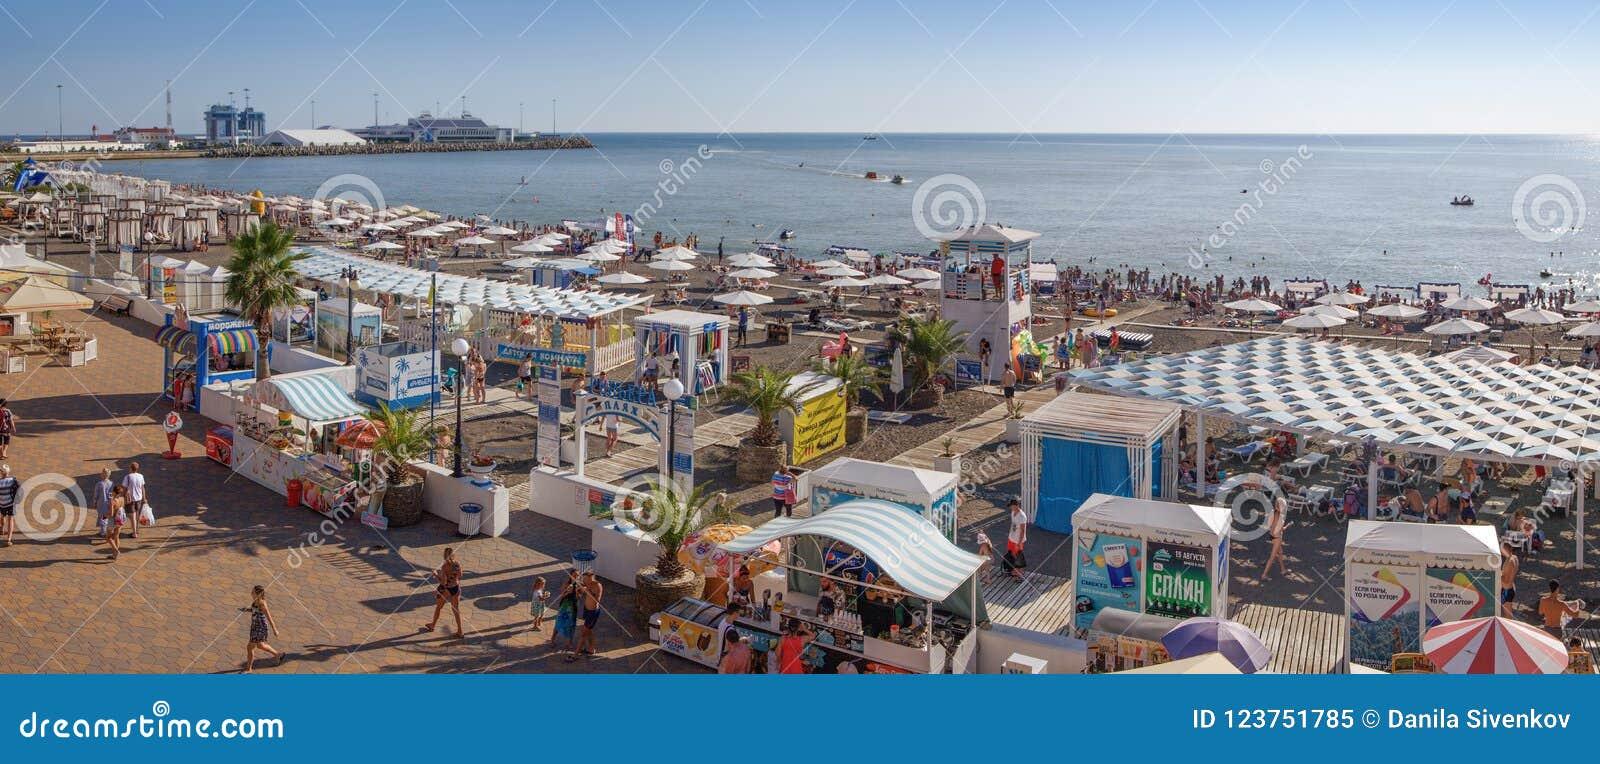 Beach Riviera in Sochi. Description, reviews of tourists 67